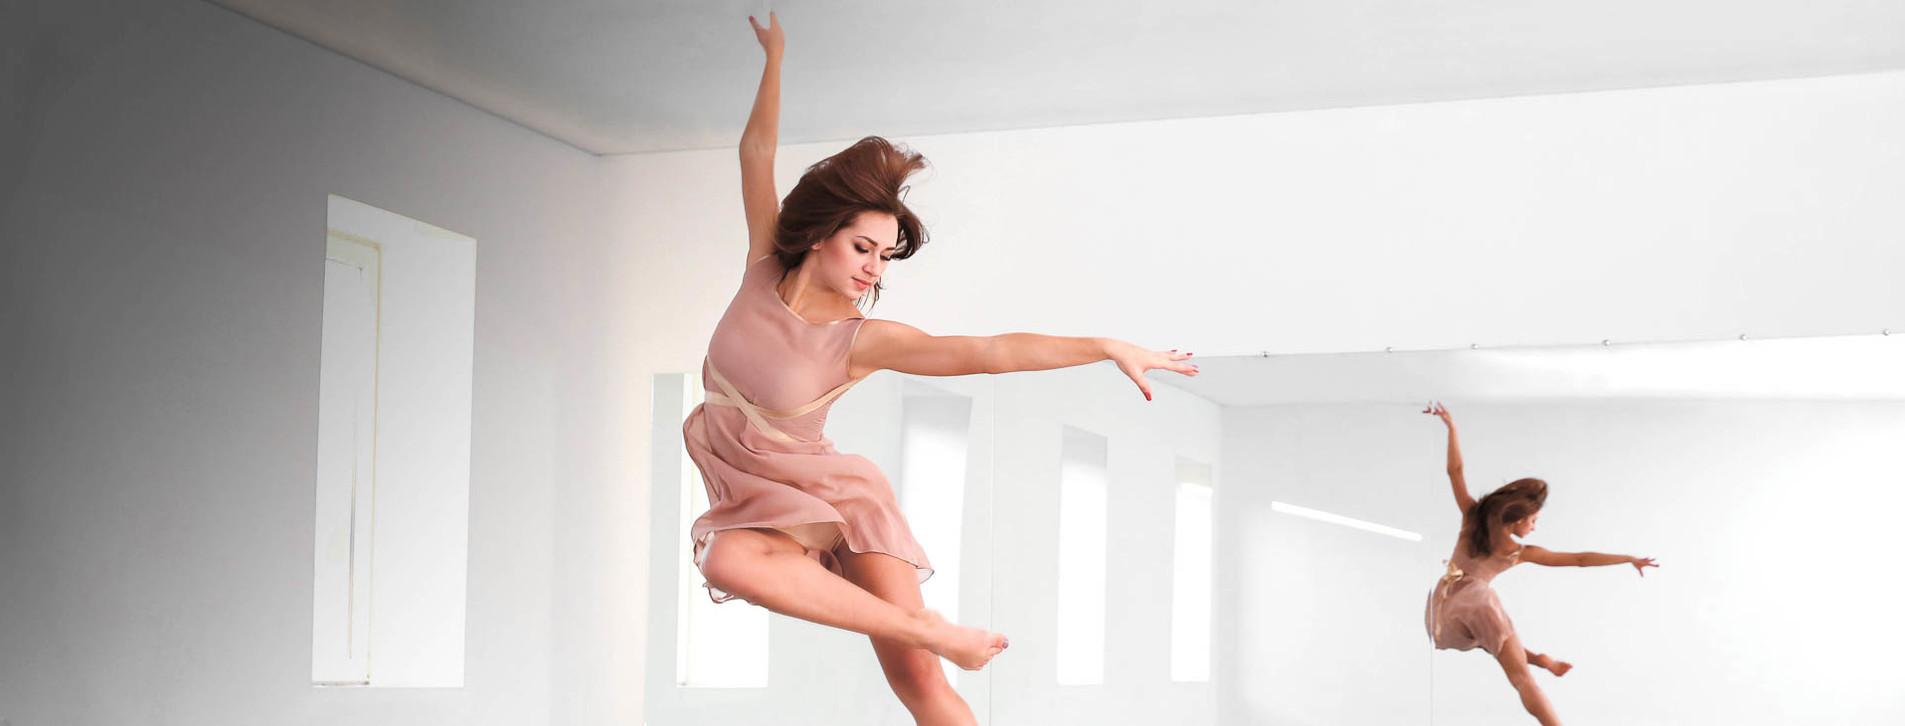 Фото - Абонемент на танцы